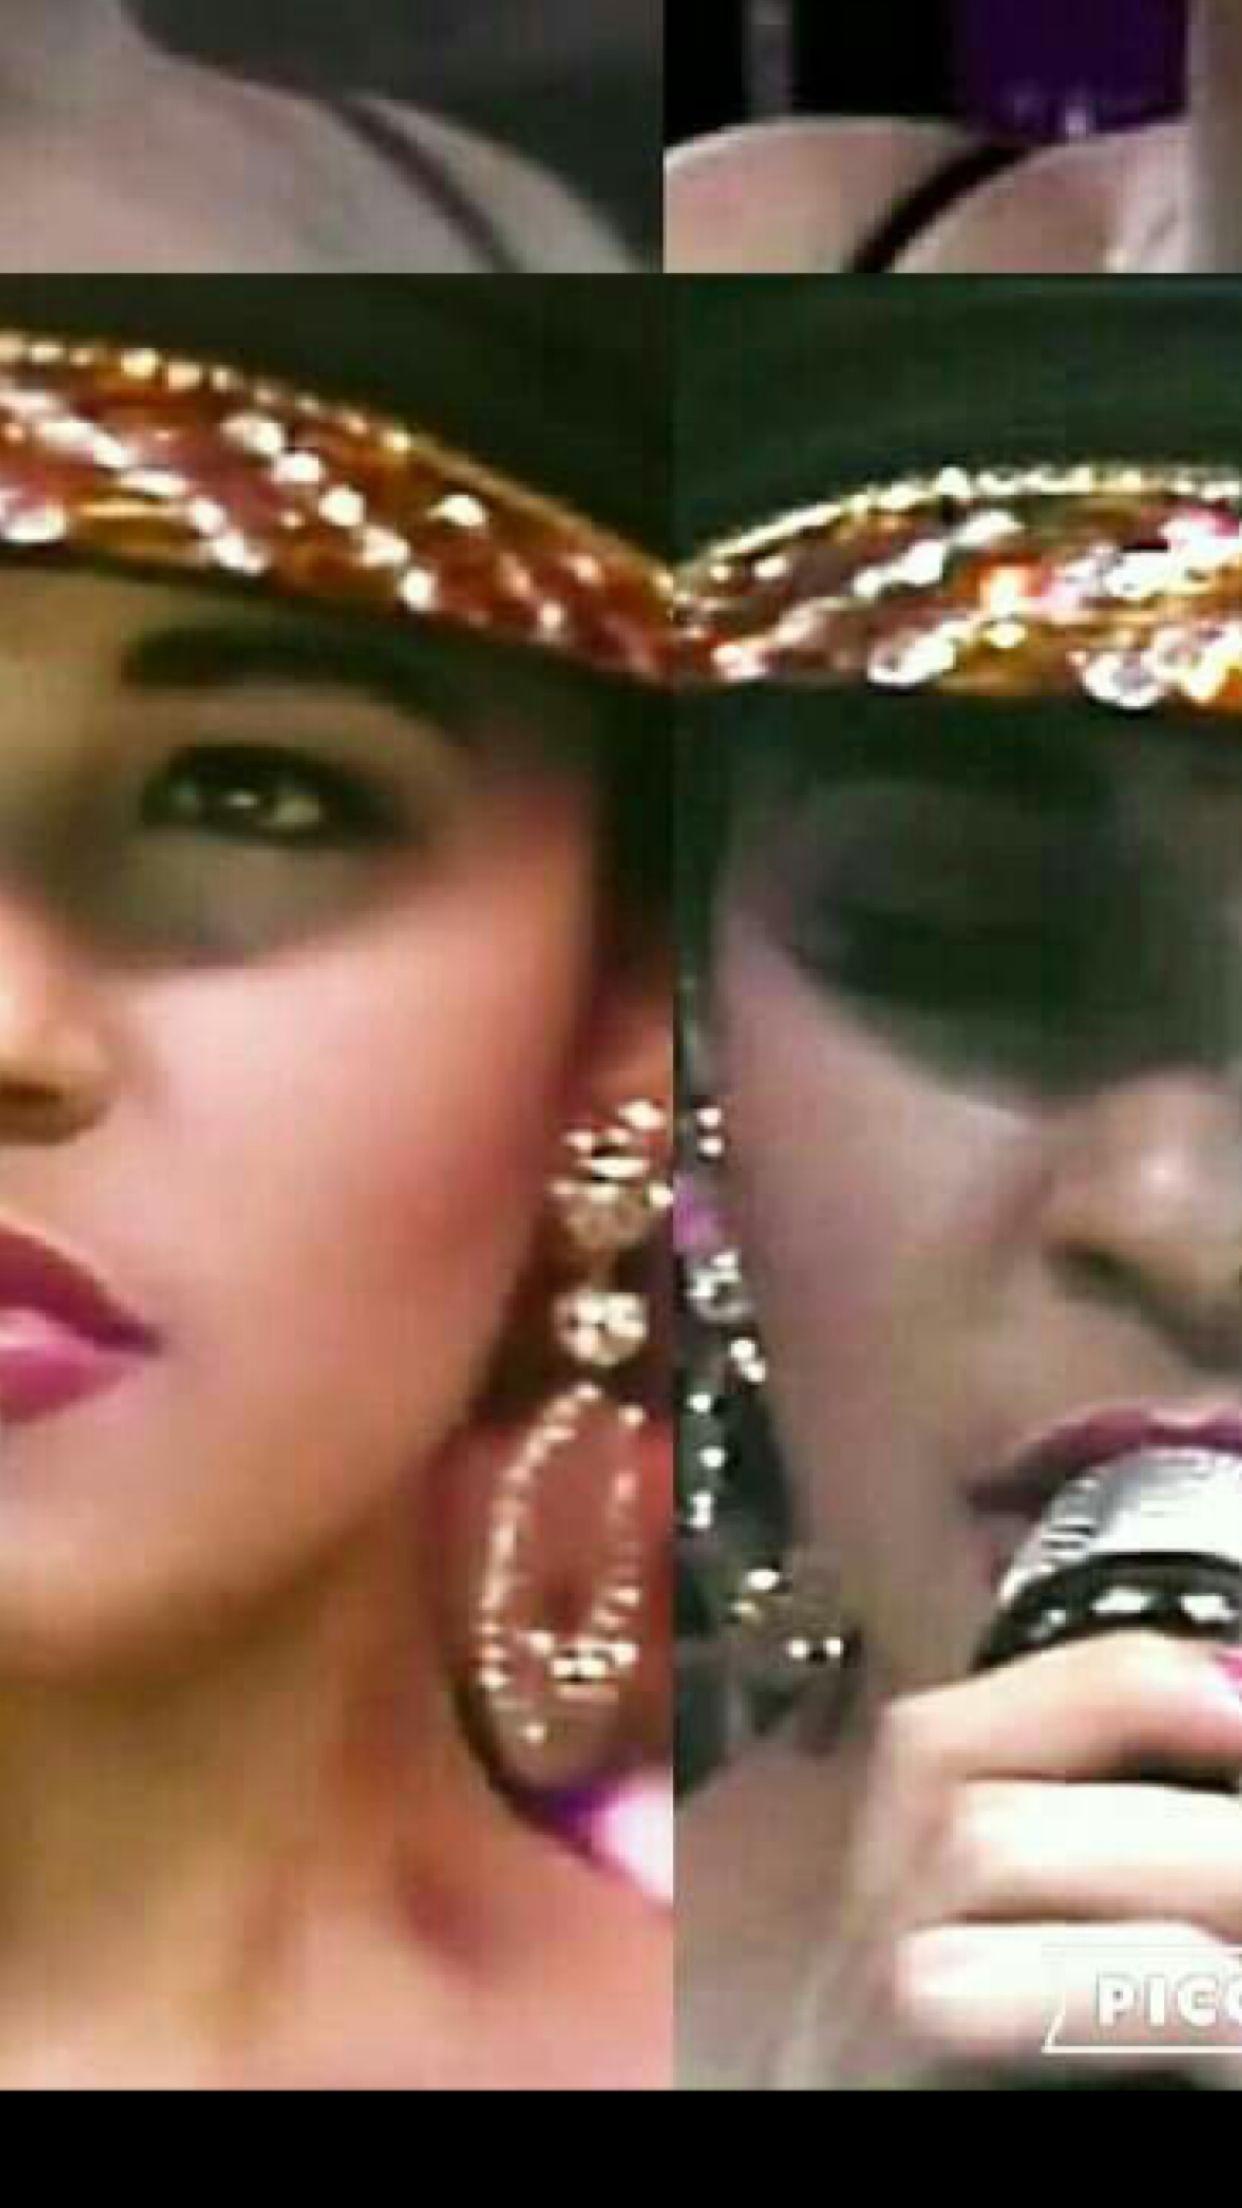 ba4dfd718e1 Selena Quintanilla hoop earrings